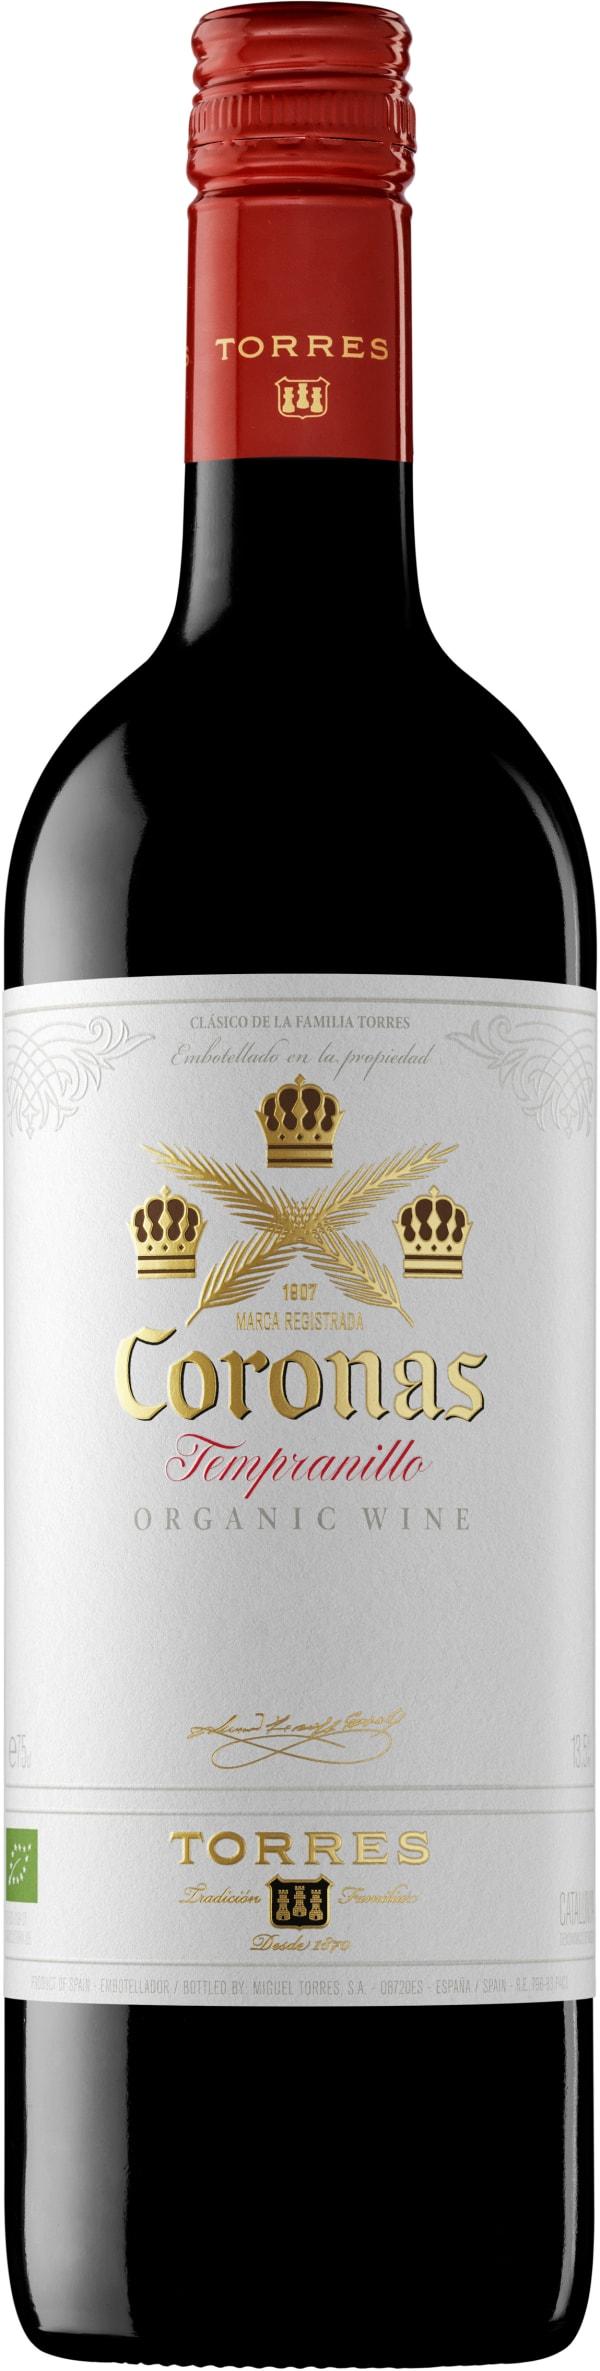 Torres Coronas Tempranillo Organic 2016